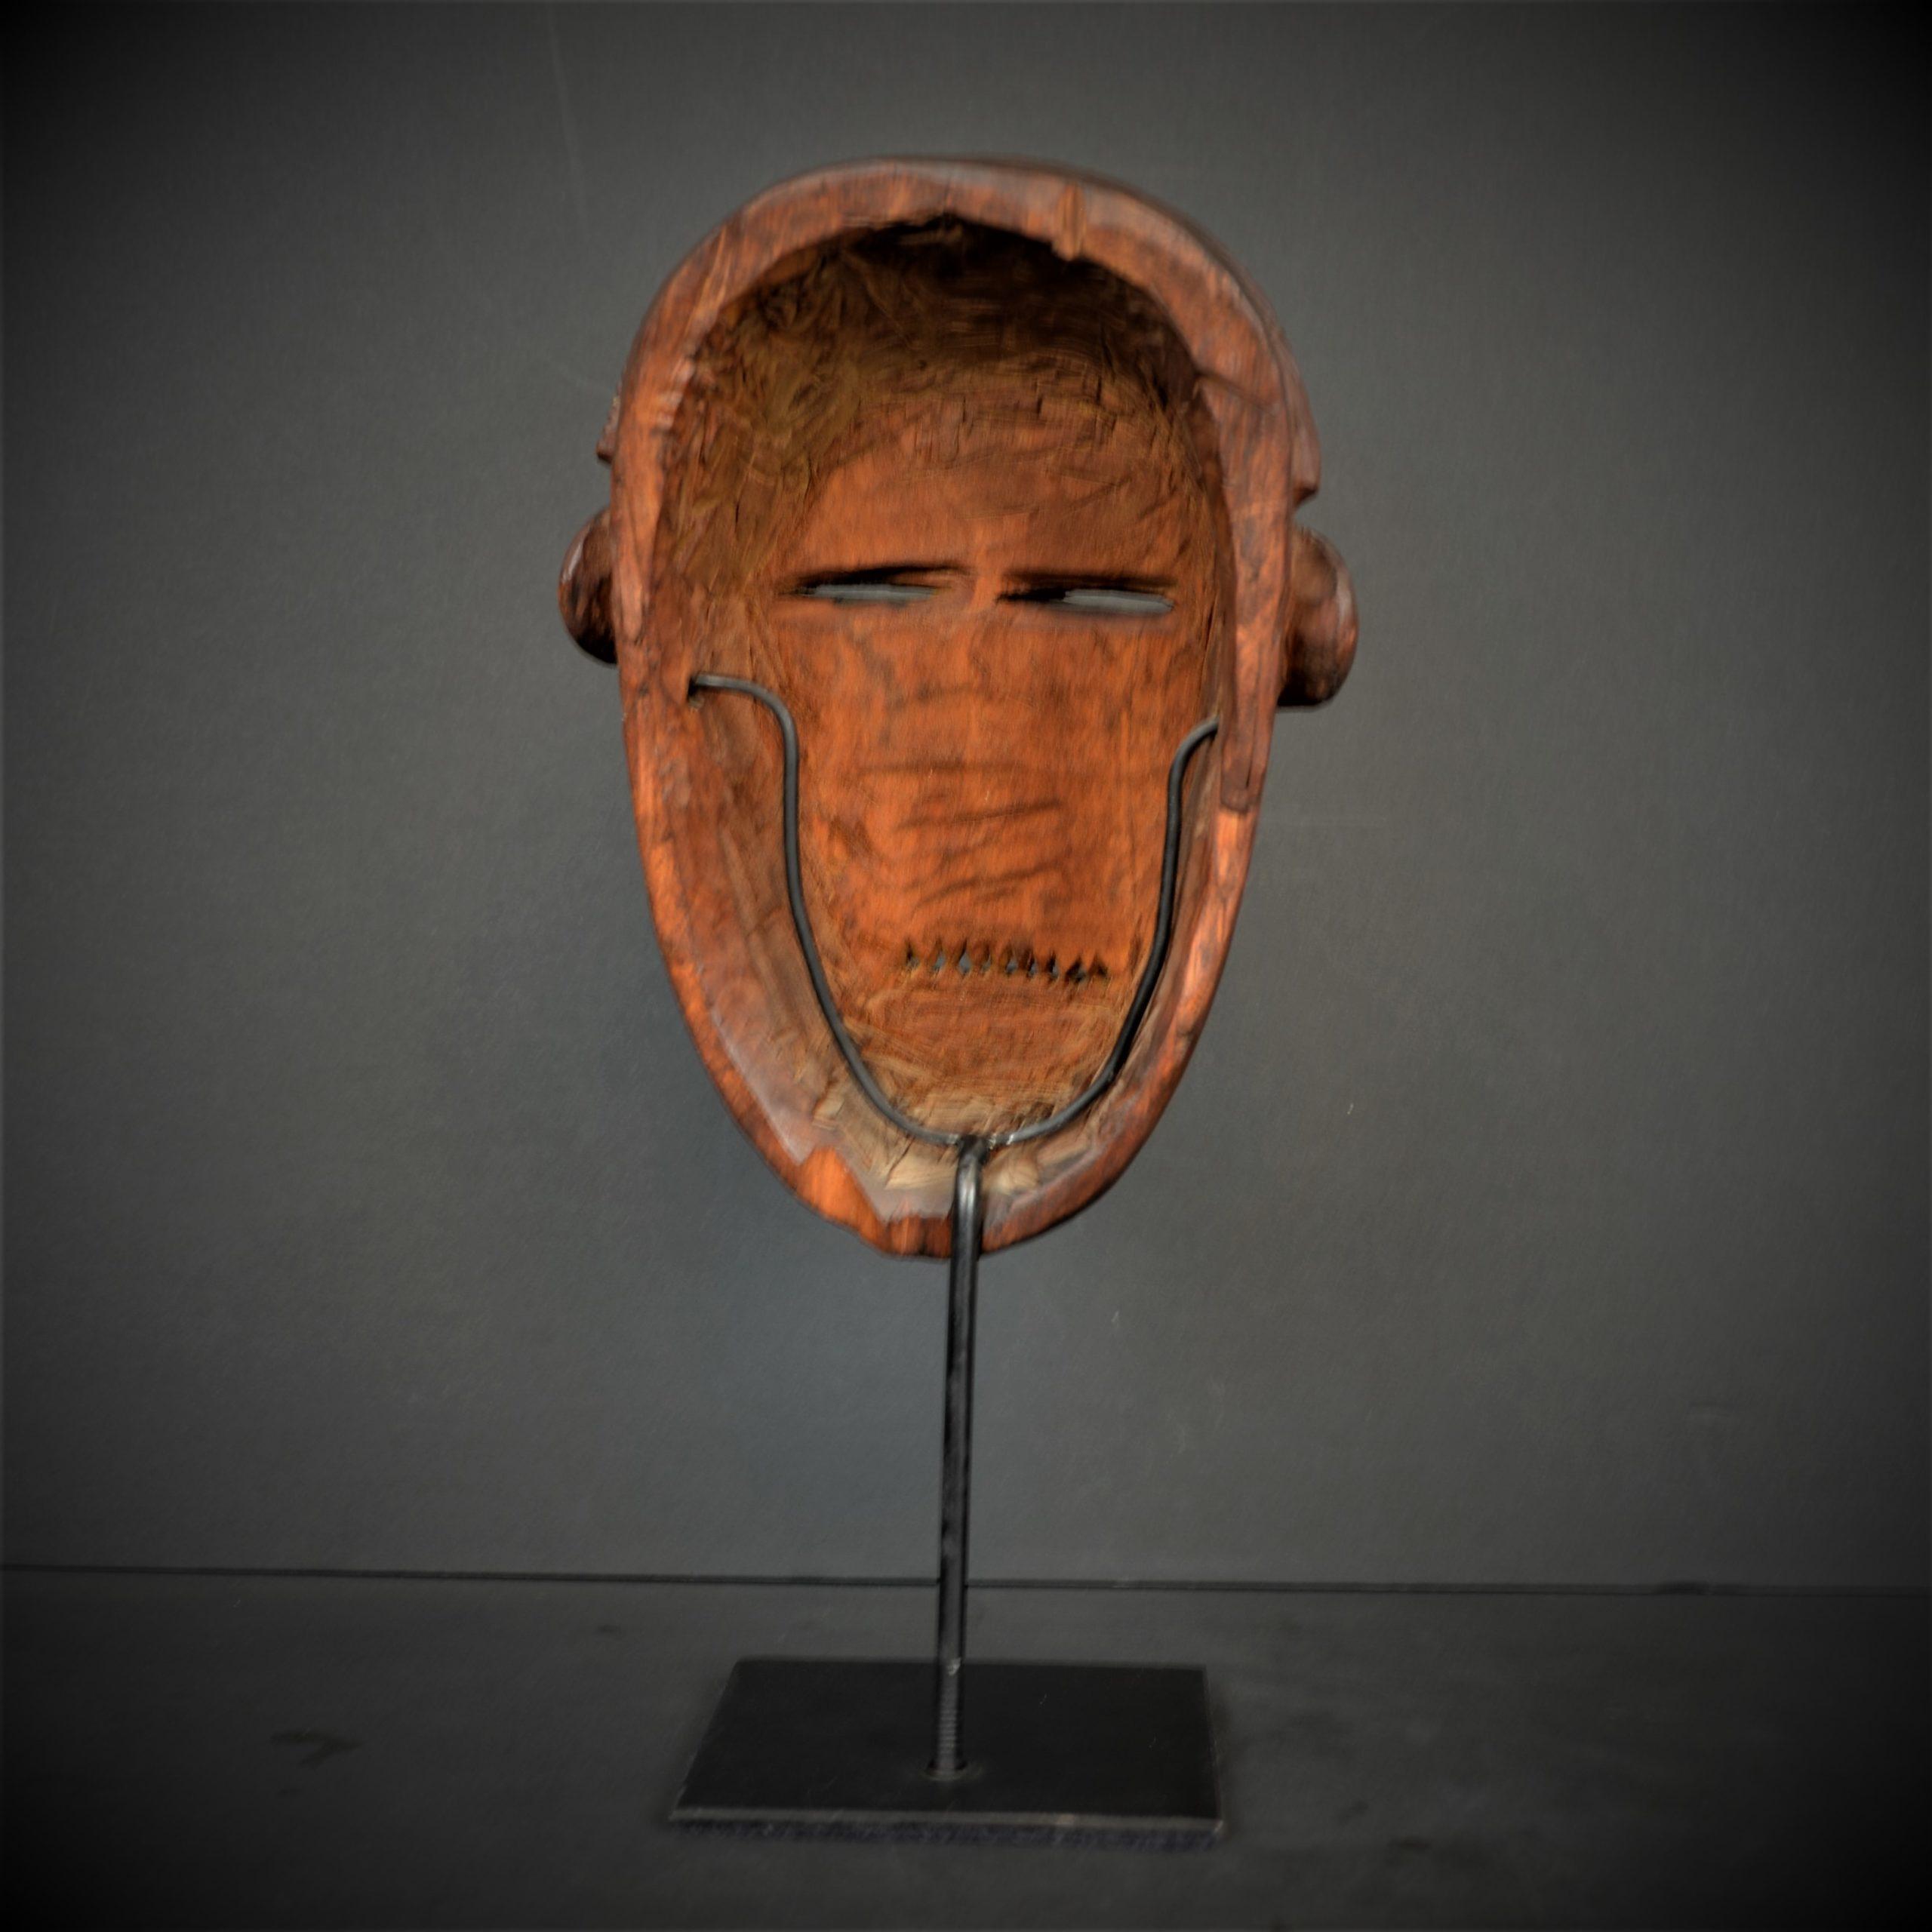 masque chokwe 19